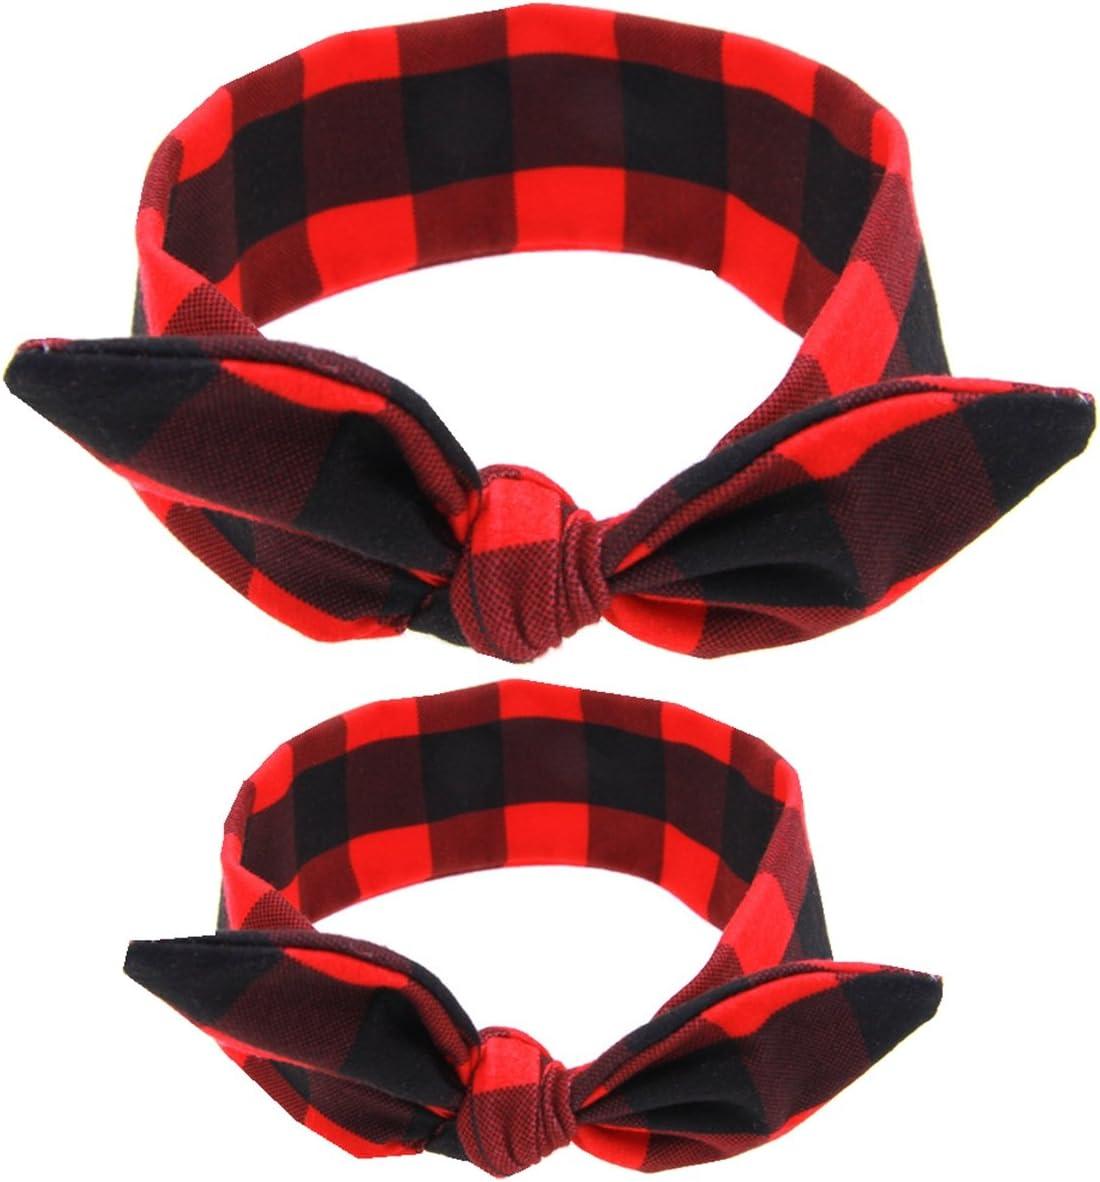 Mommy And Me Headbands Girls Headband Bunny Ears Bow Baby Headband 6 Pack